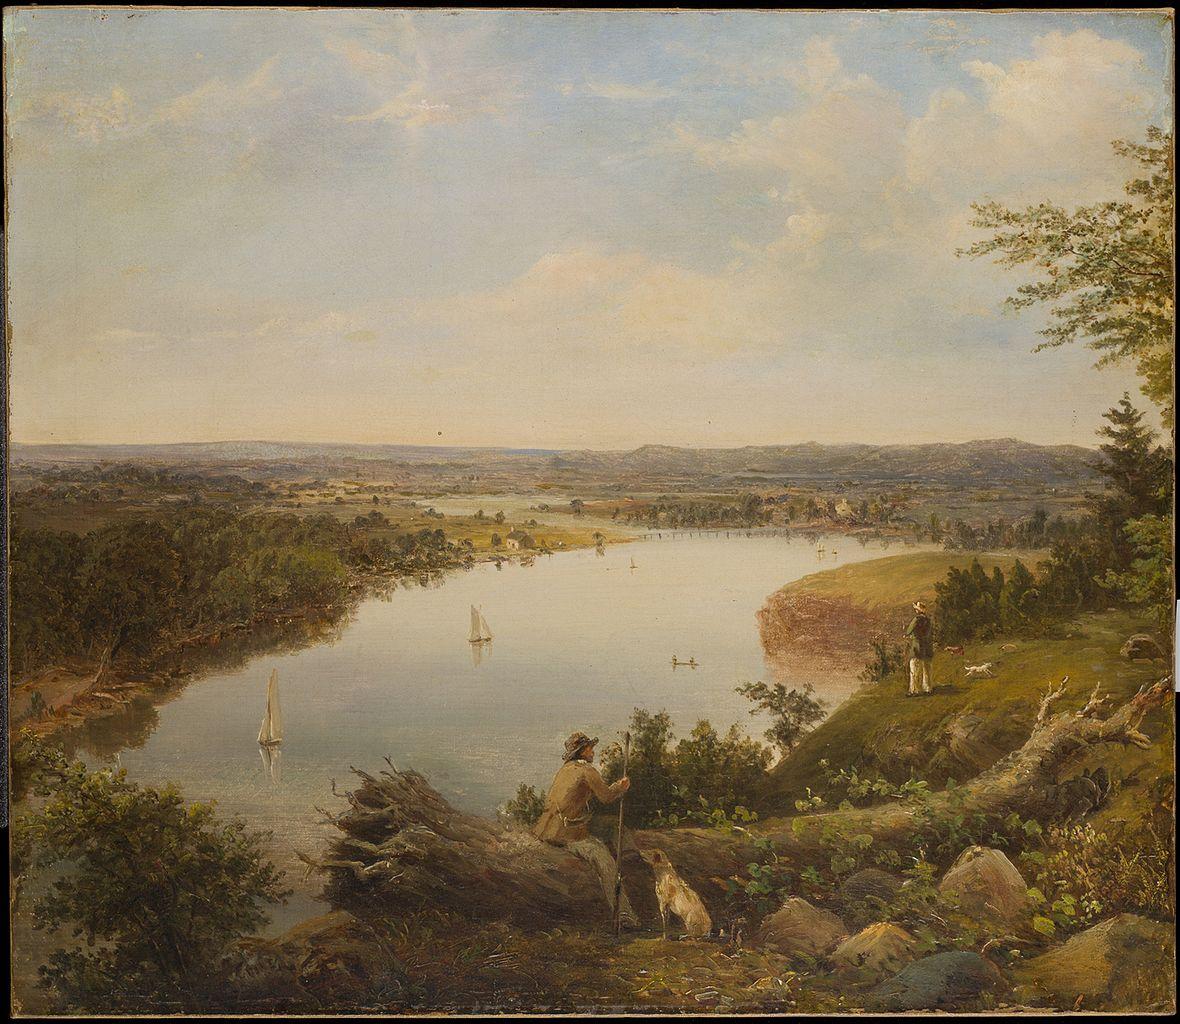 Hudson Valley New York: File:The Hudson River Valley Near Hudson, New York MET